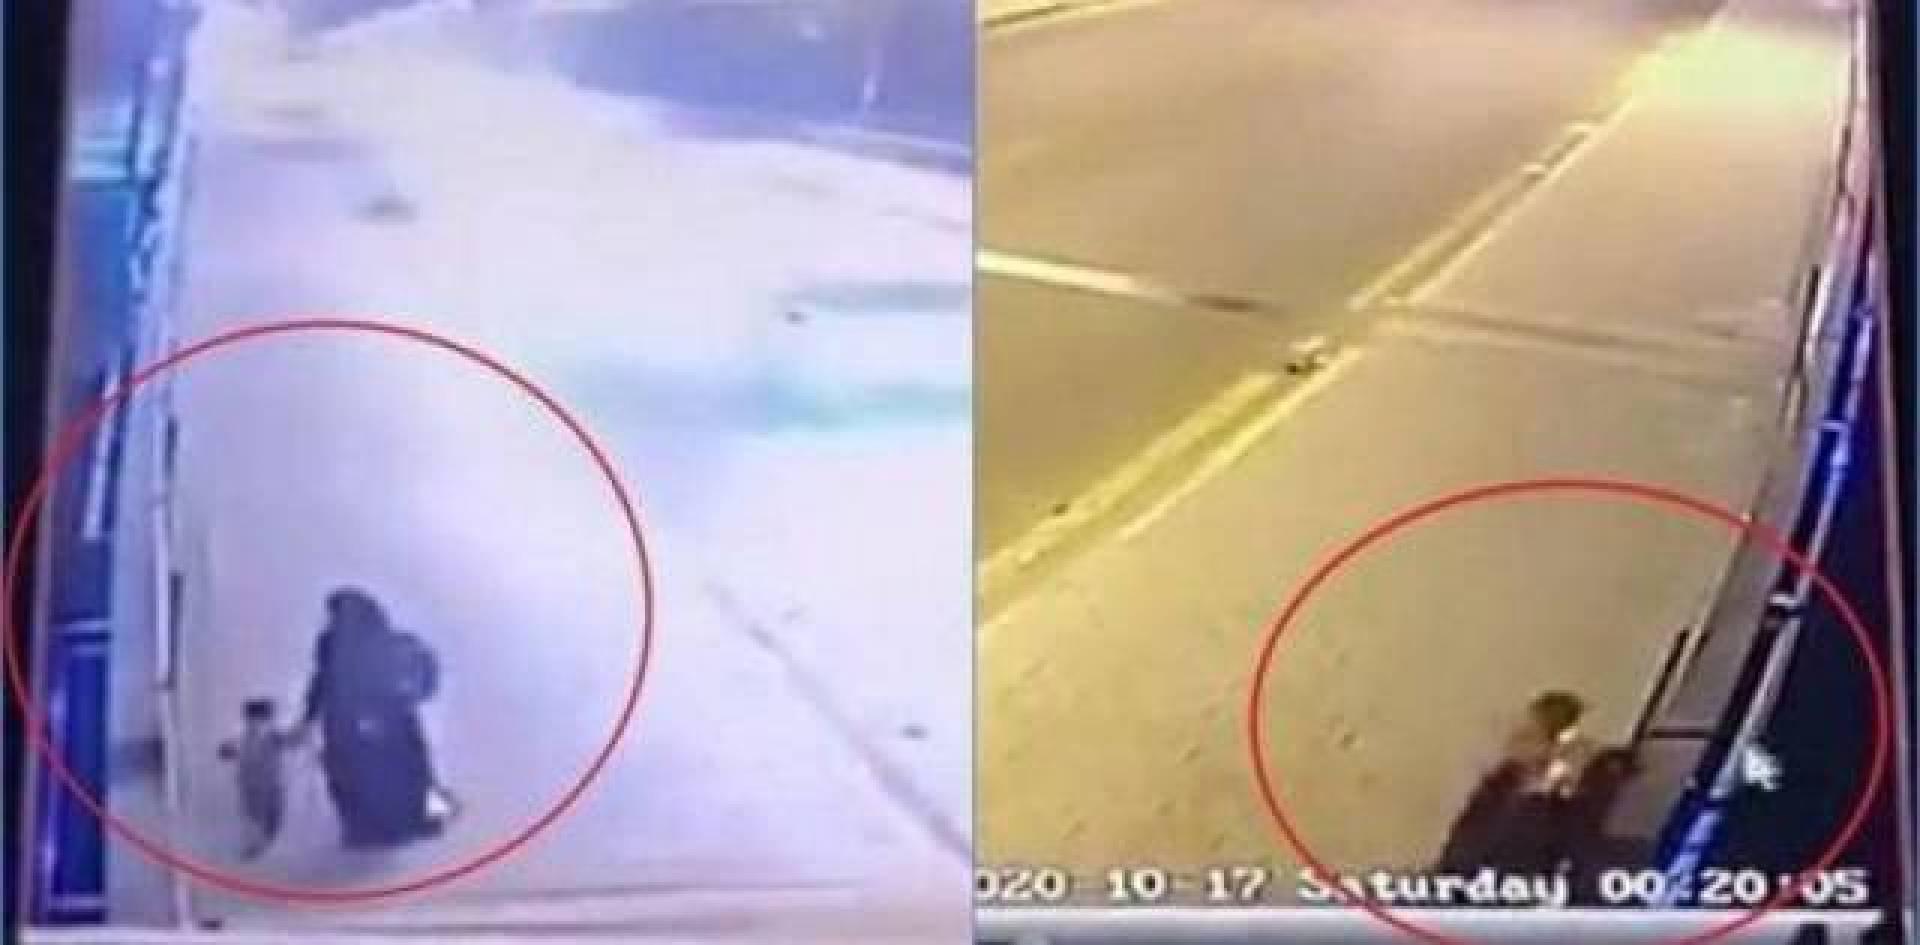 بعد «جريمة الزرقاء».. فاجعة جديدة تَصدُم العالم العربي